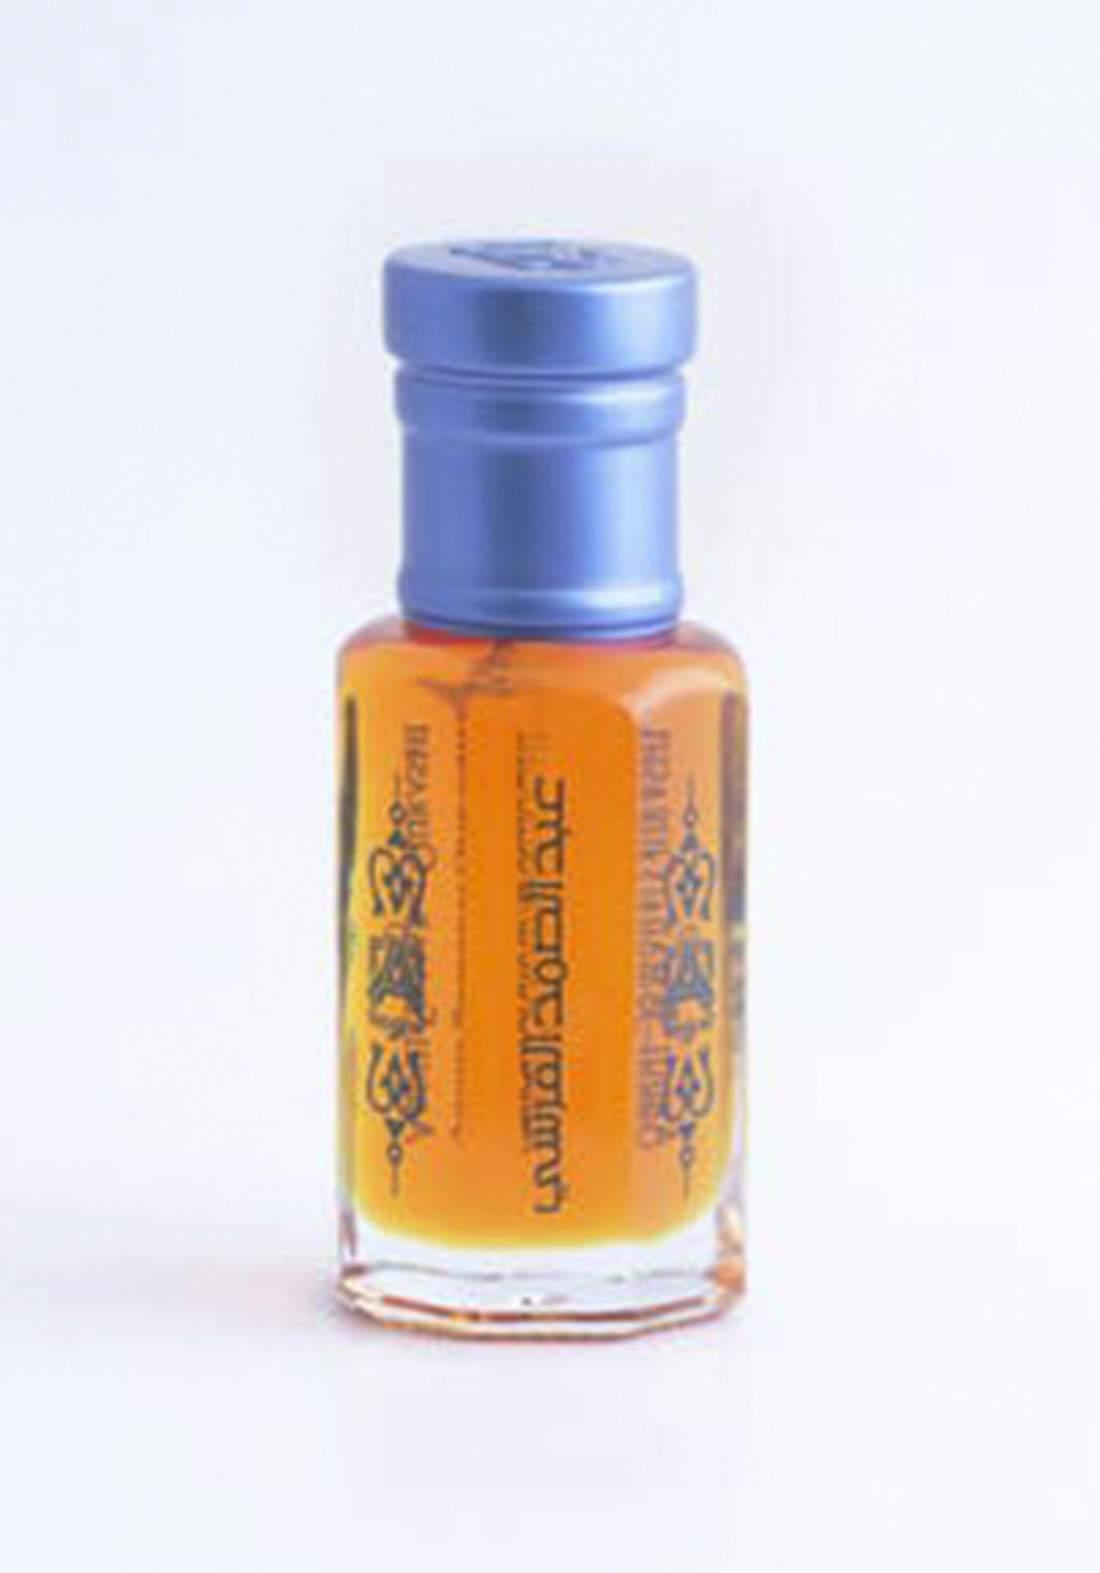 Abdul Samad Al Qurashi-41026  jasmine mix Perfume Oil 12g  عطر زيتي